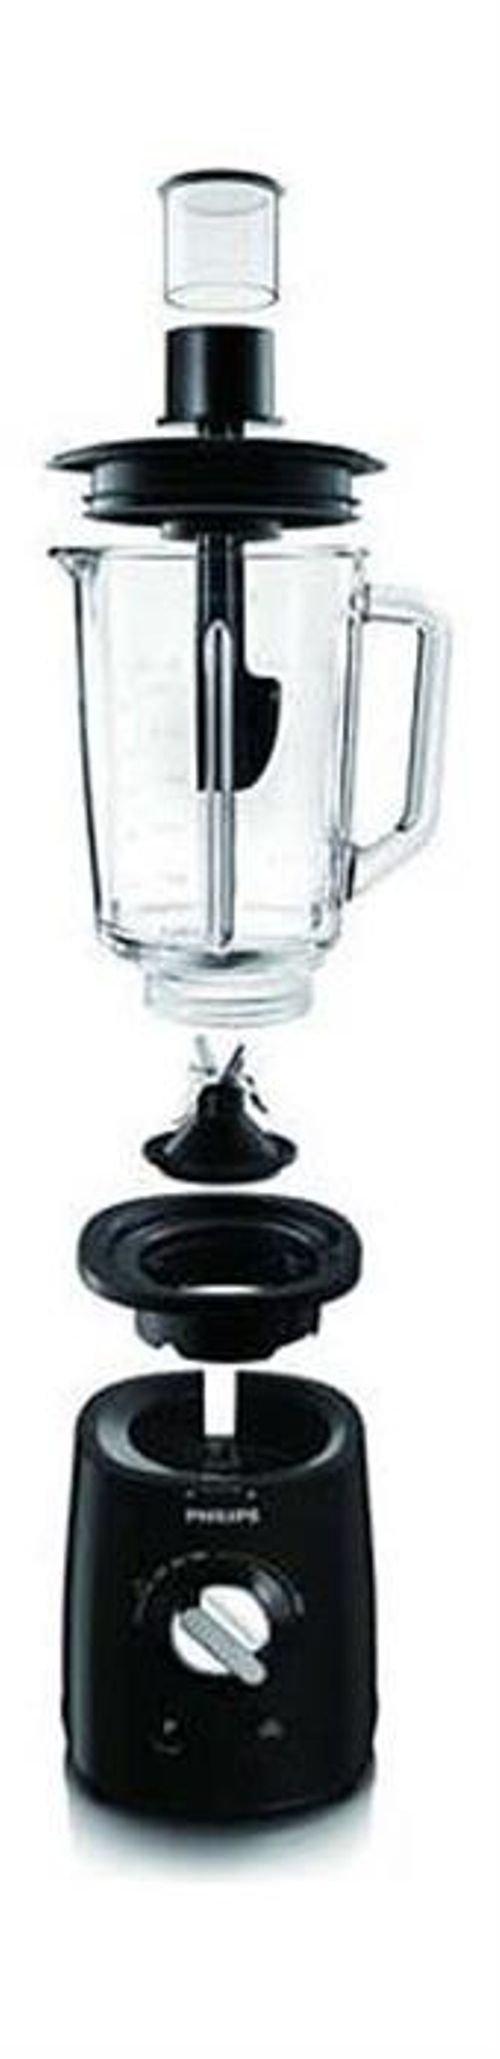 Philips Avance Glass Blender 2 Litre  model HR2095/91